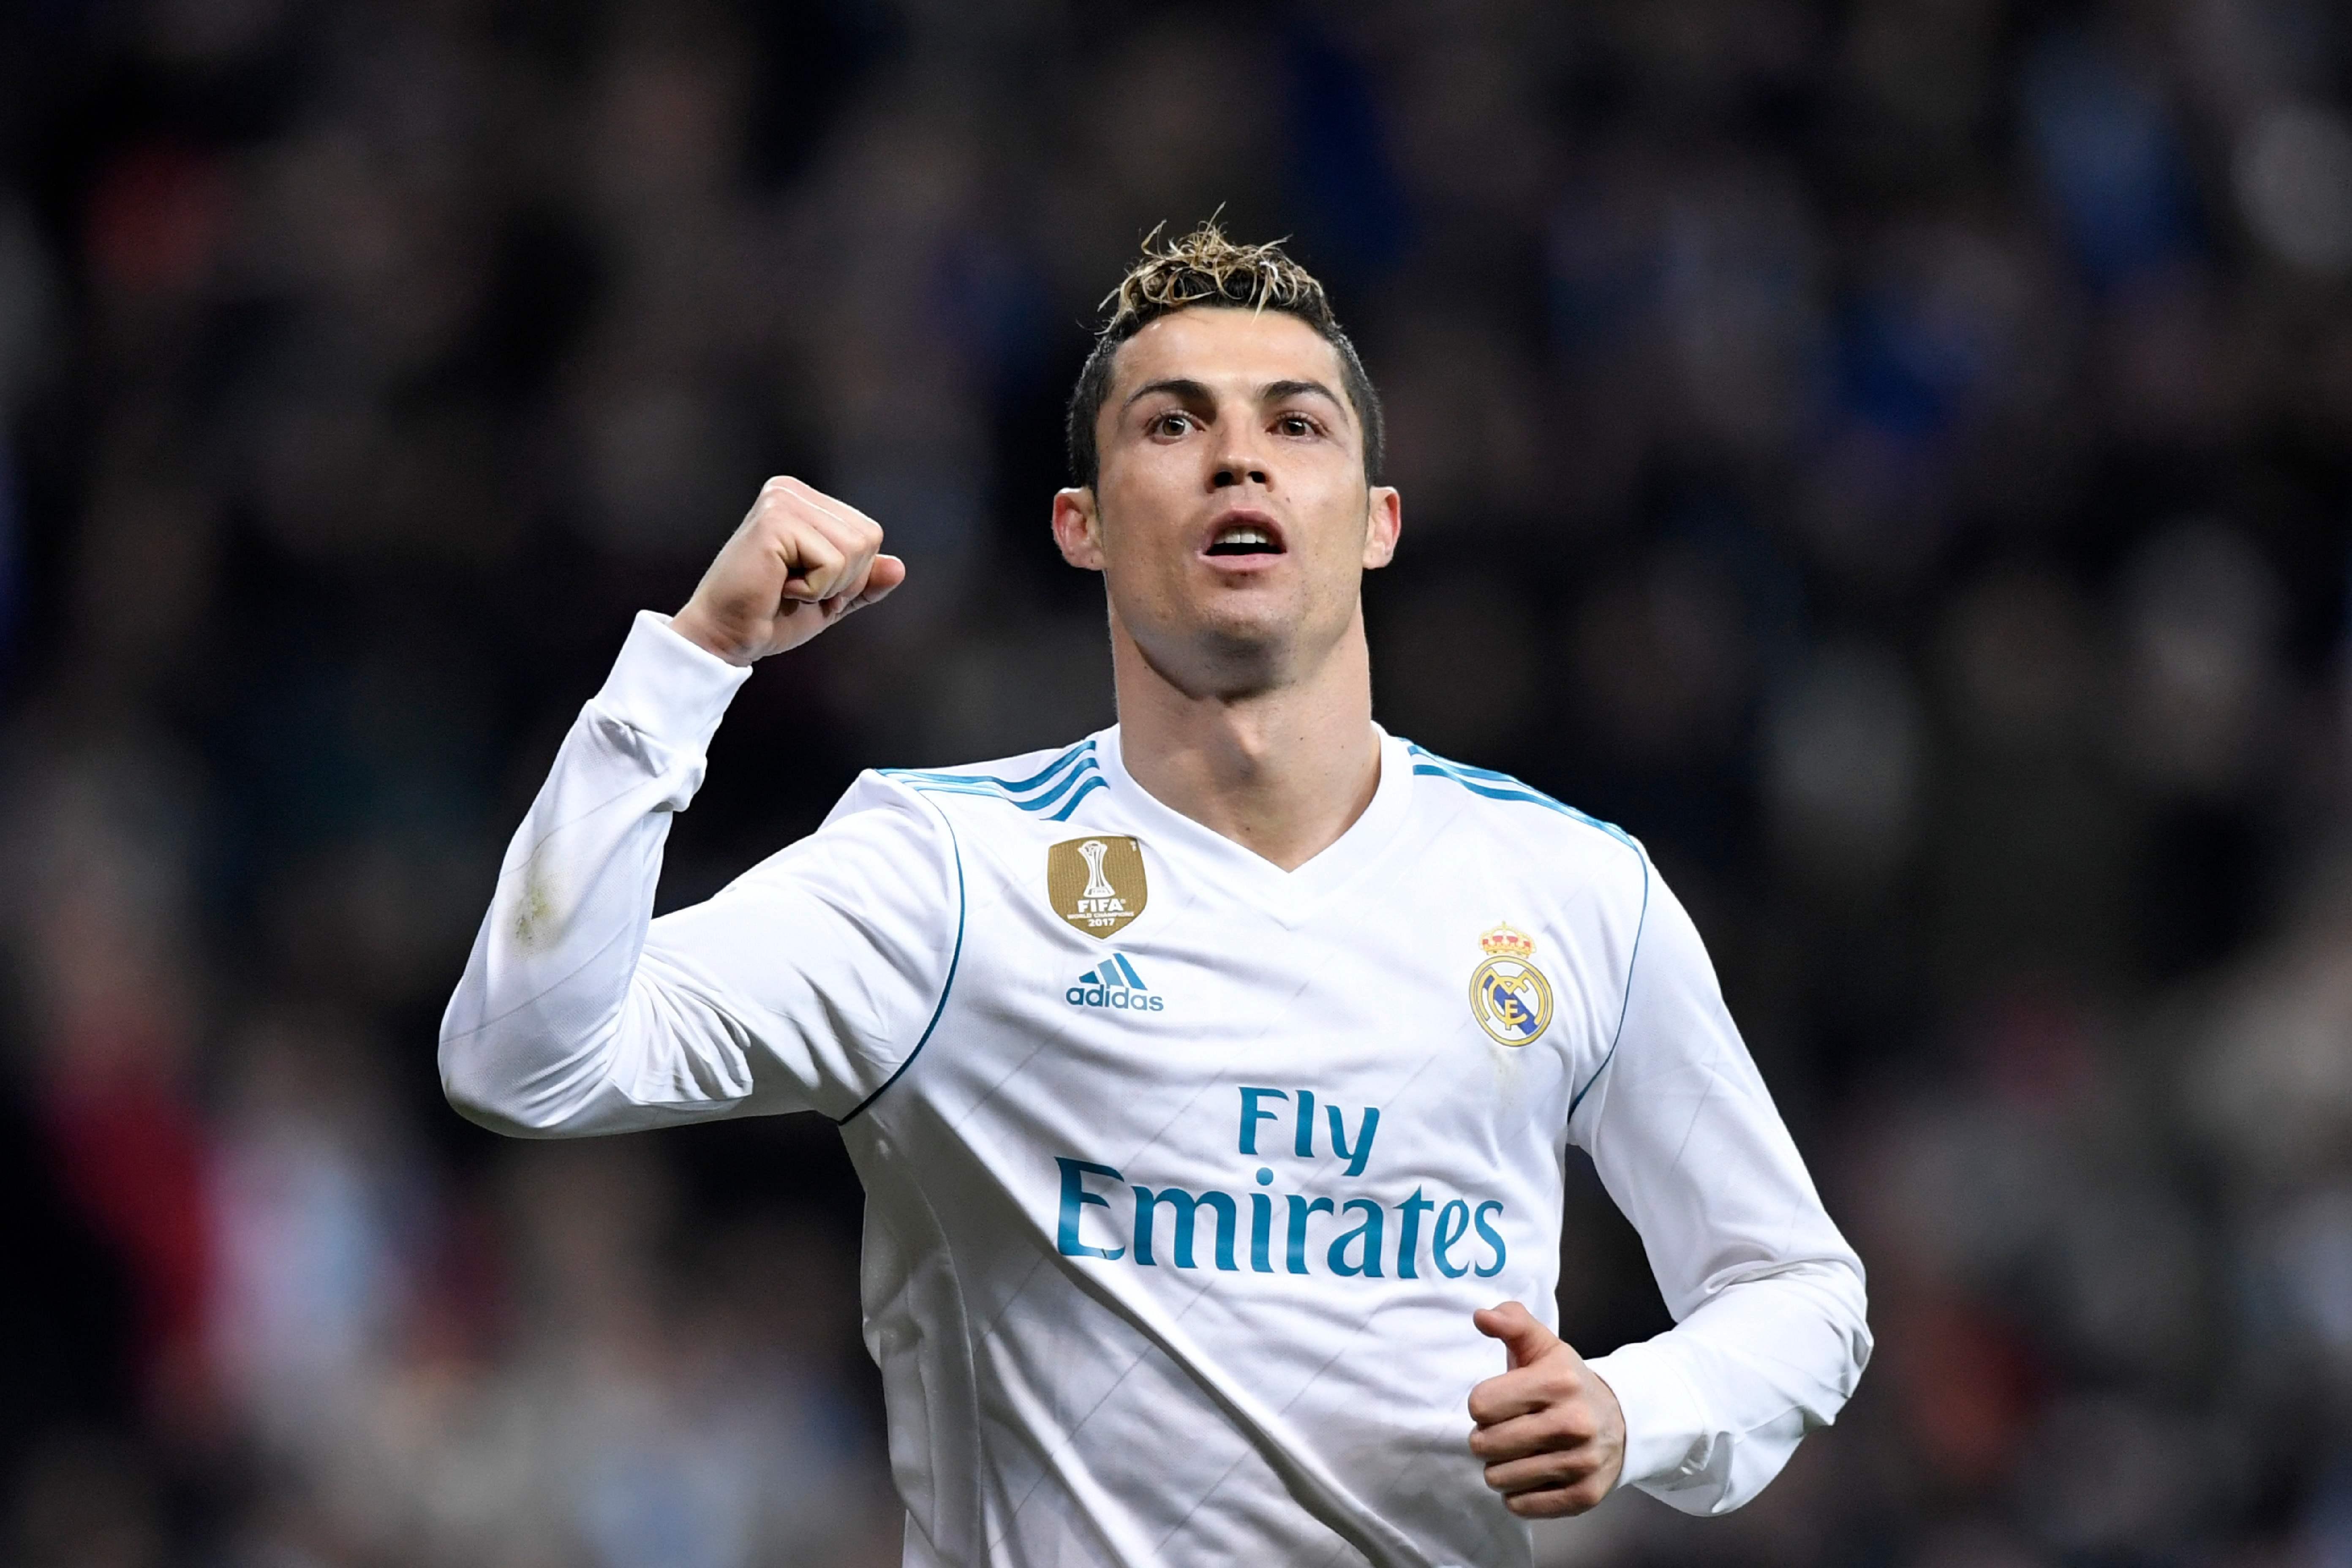 Ao lado dos quatro filhos, Ronaldo faz apelo para ajudar refugiados